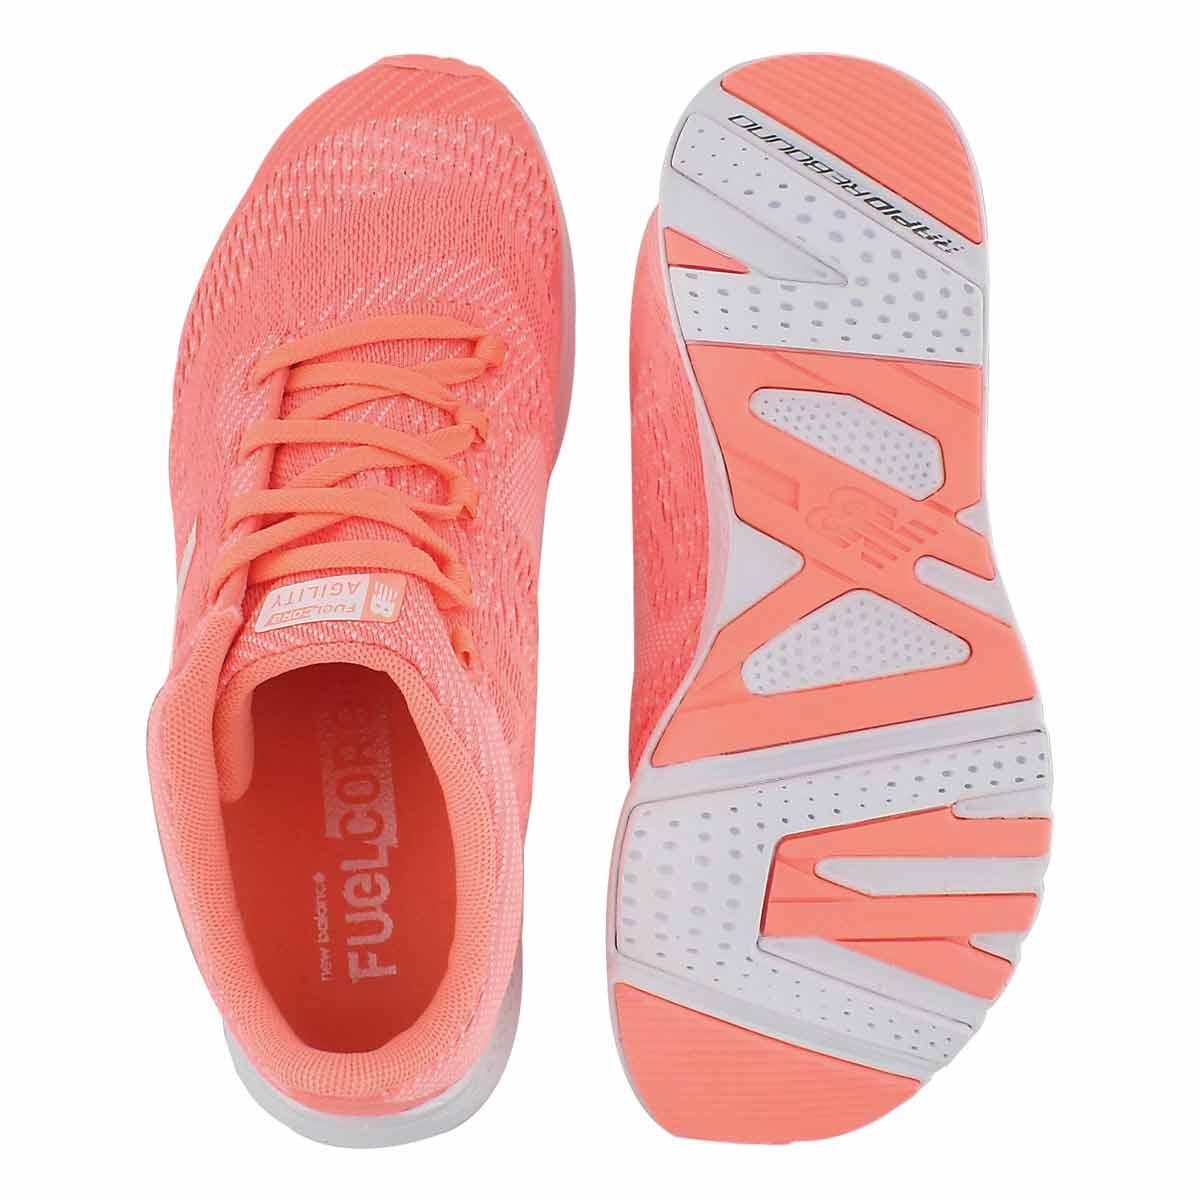 Lds Agility V2 fiji/wht lace up sneaker